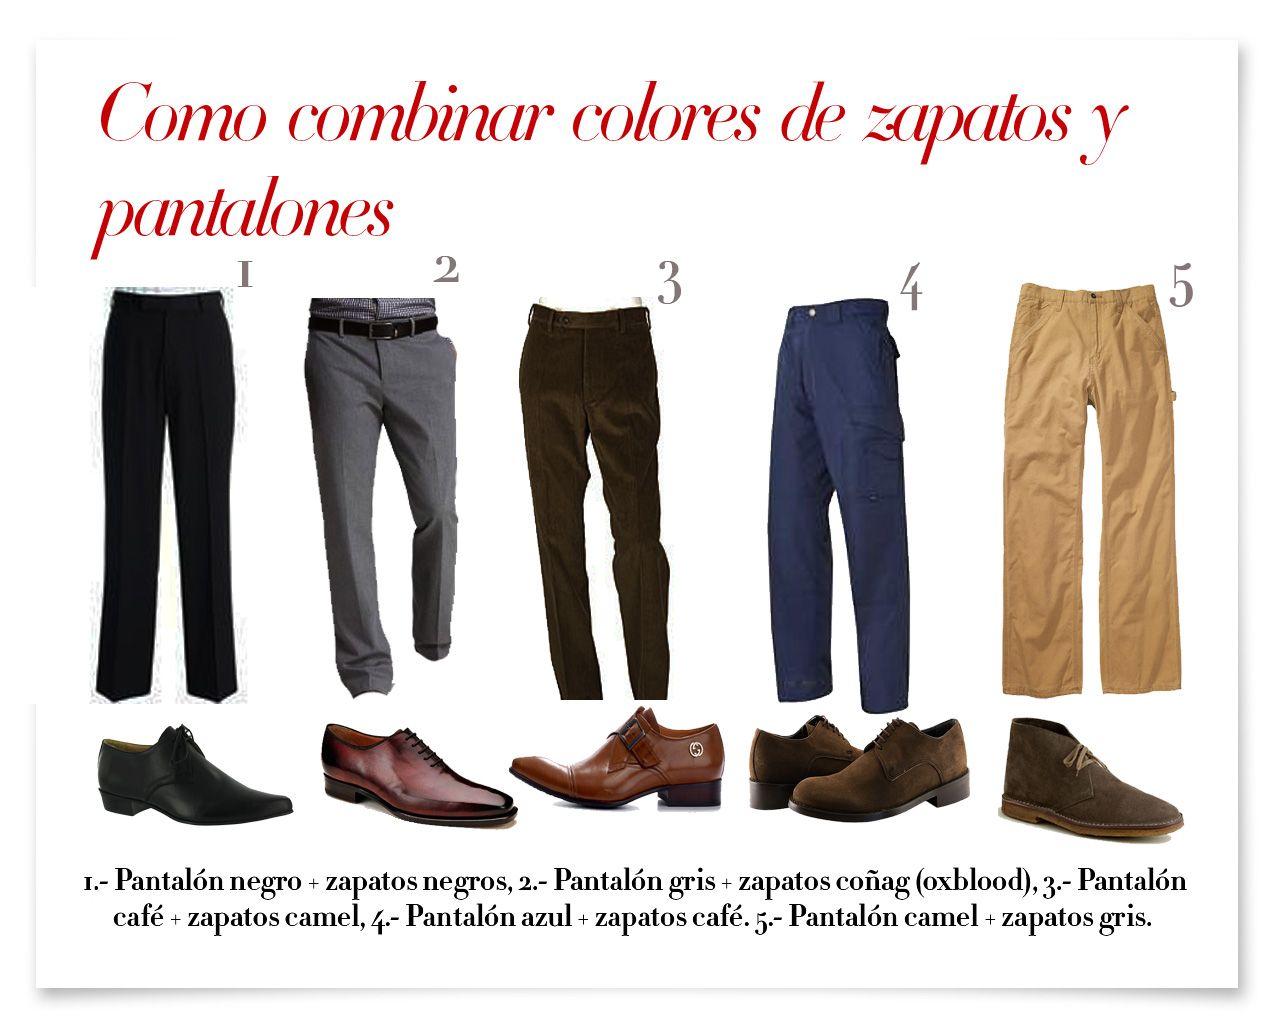 C mo combinar colores de zapatos y pantalones hombres - Colores para combinar ...